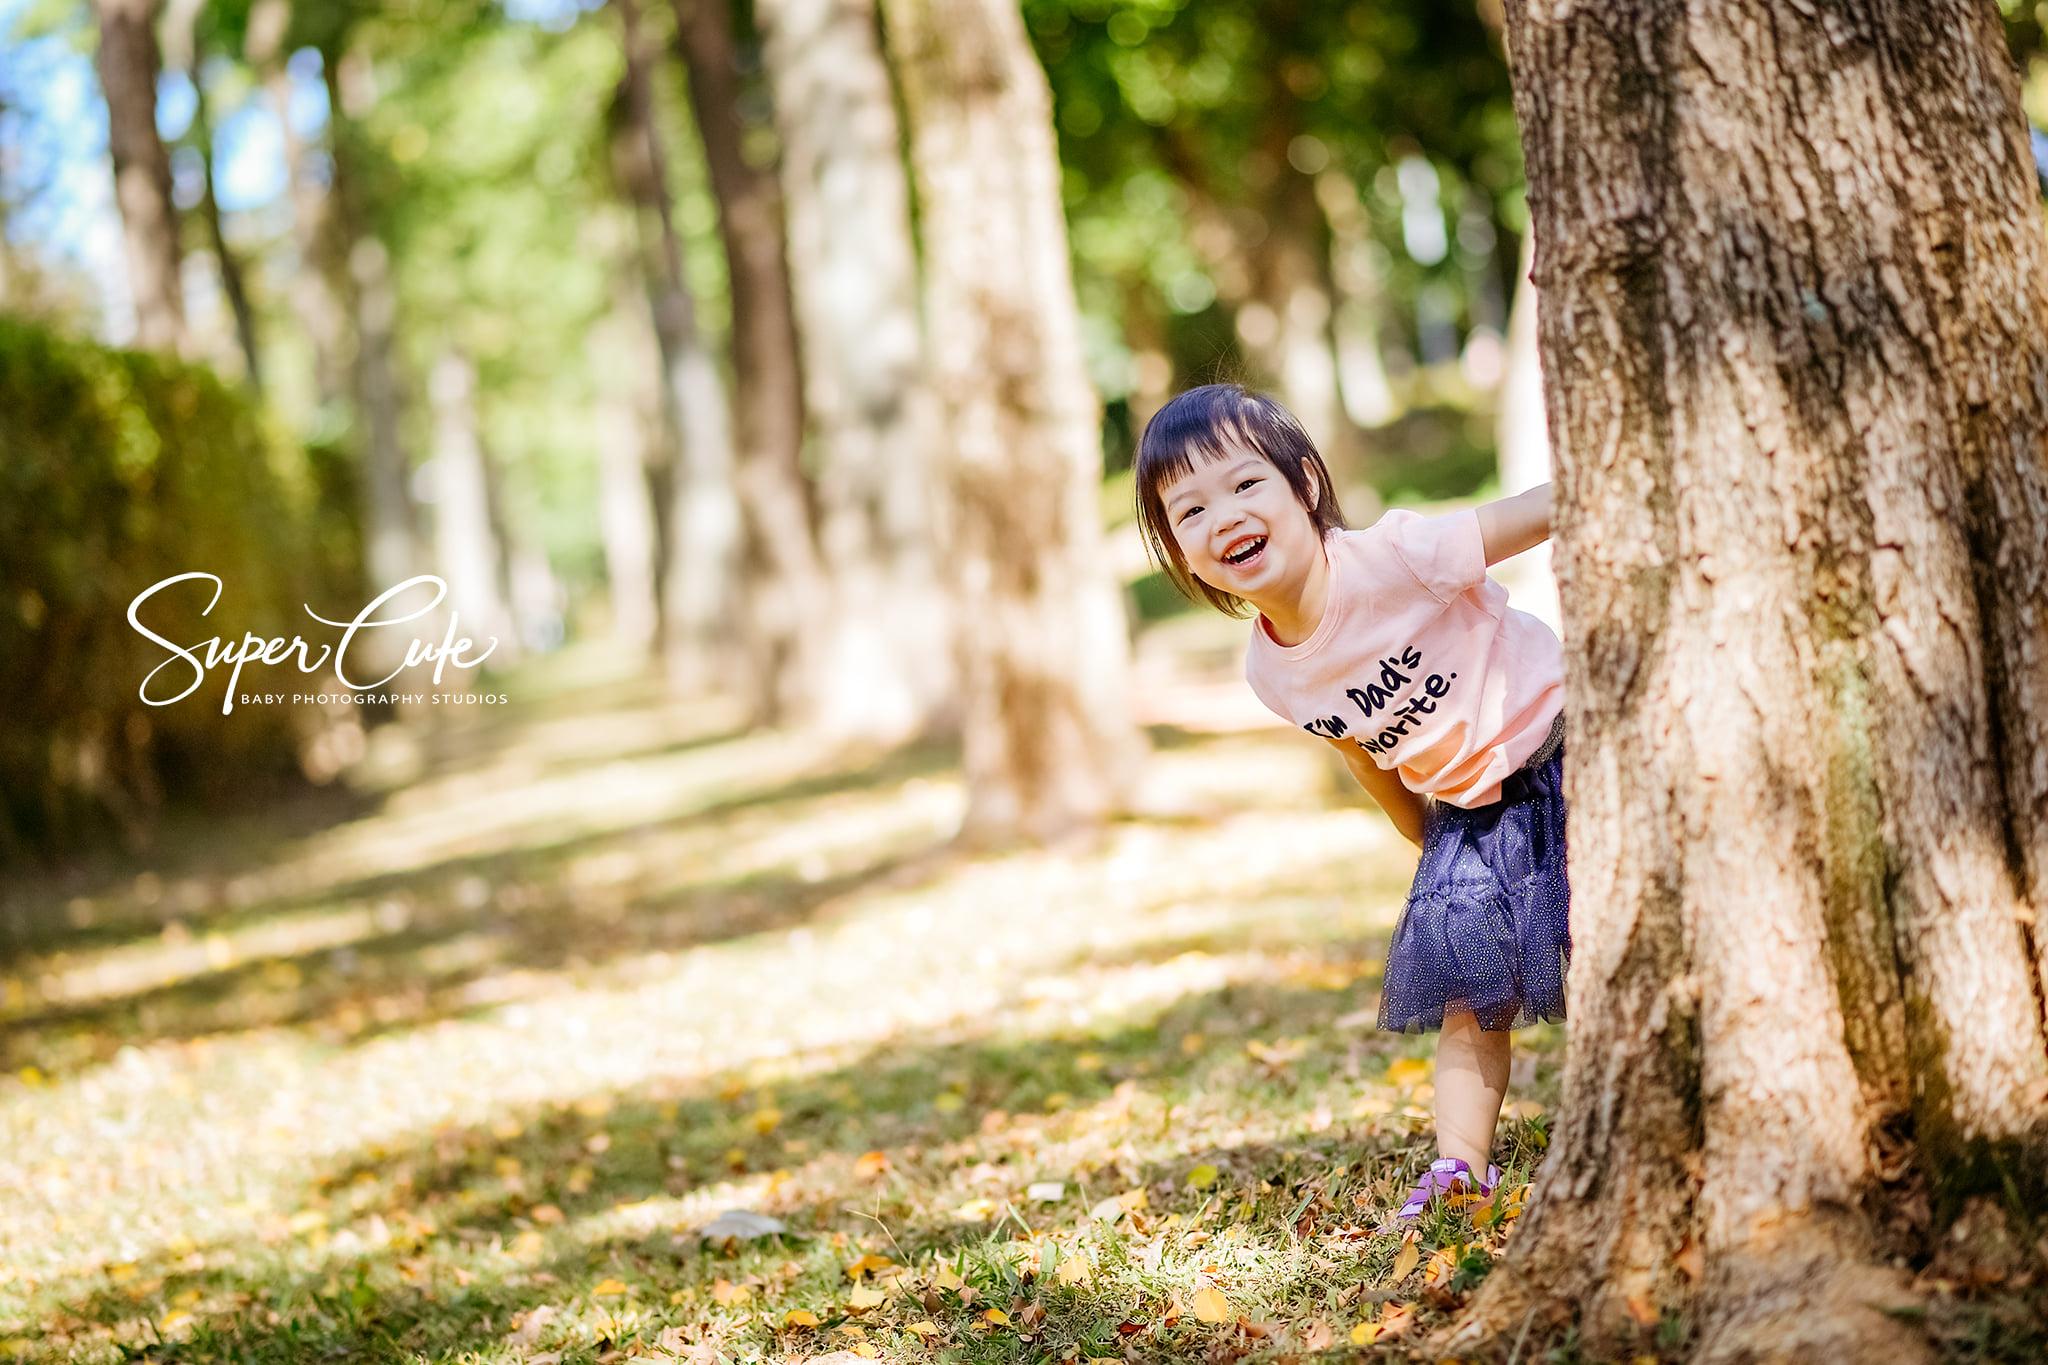 兒童寫真,寶寶寫真,親子寫真,小朱爸